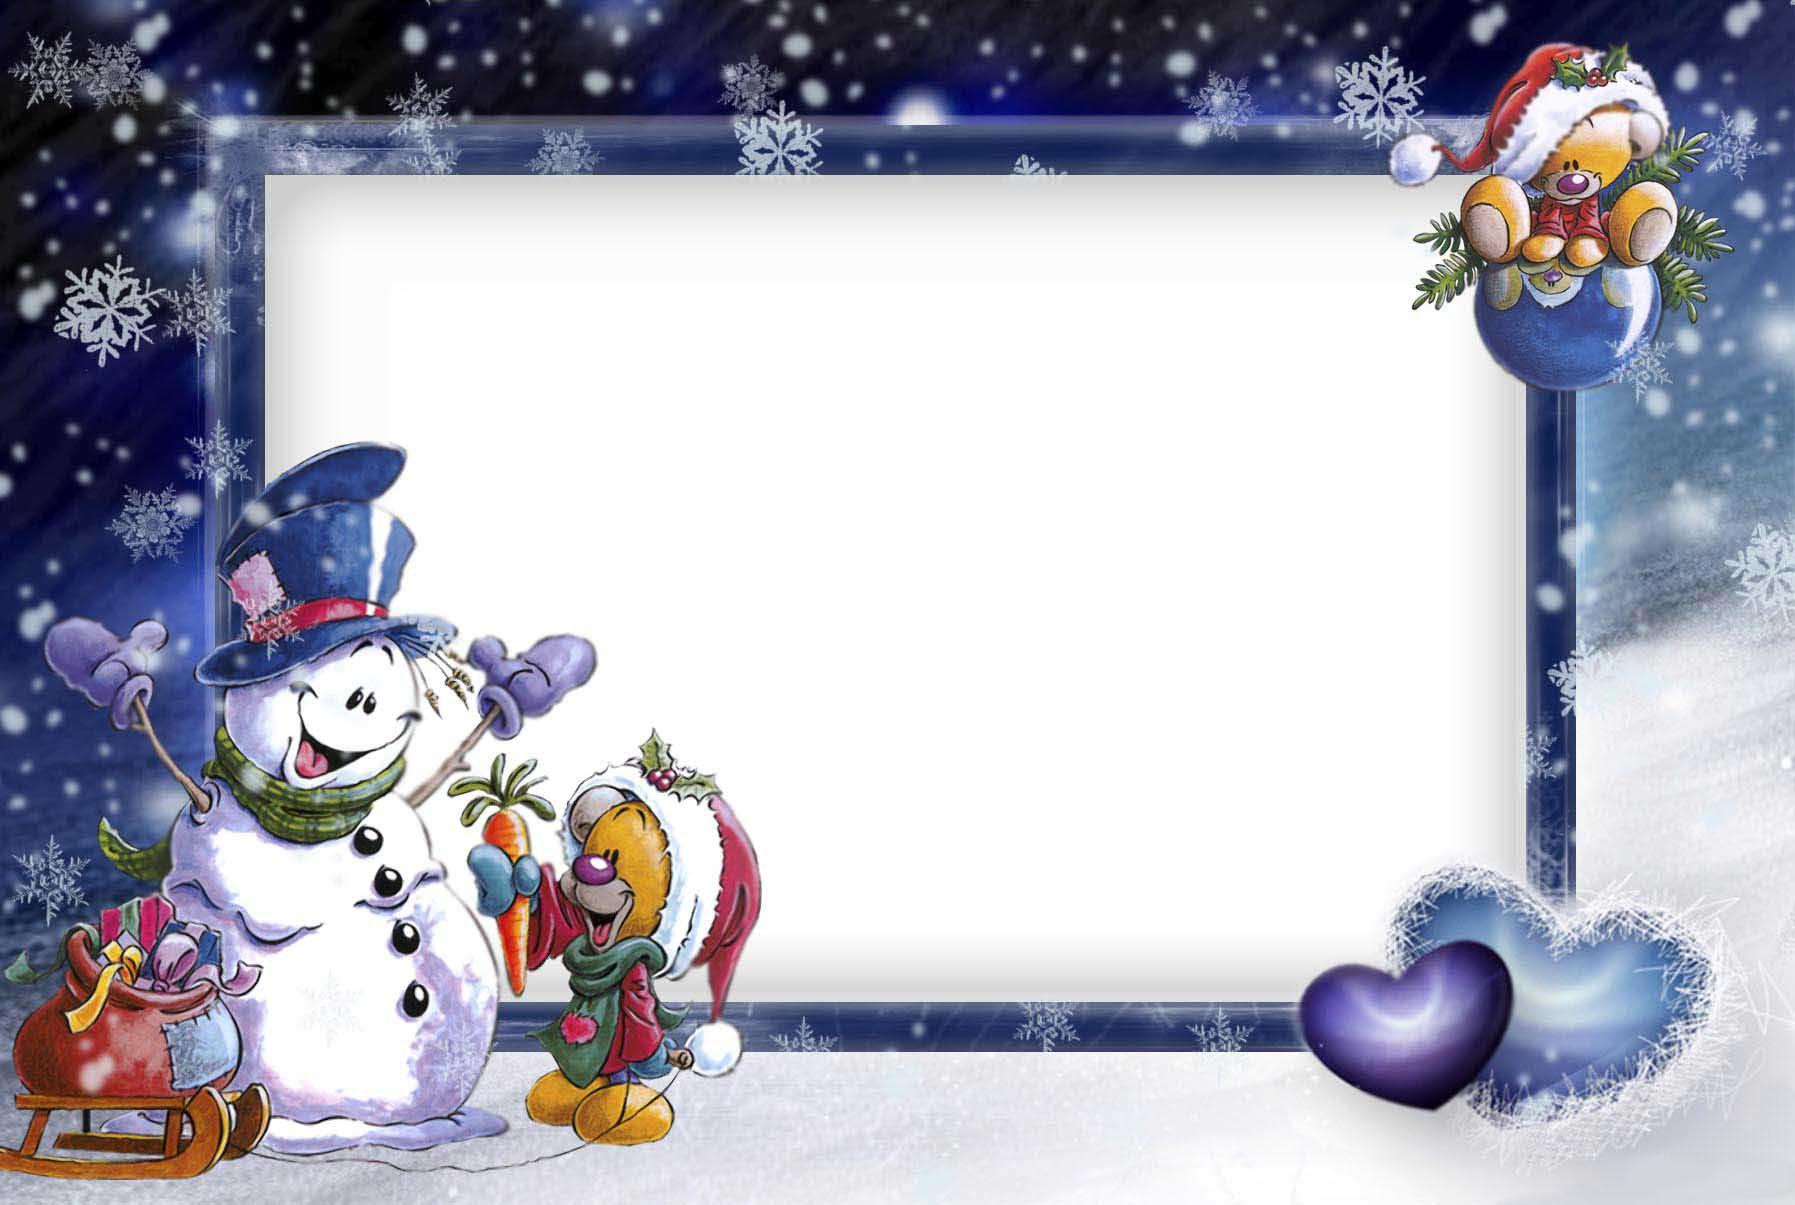 Новогодние рамки. Классная новогодняя рамка на тёмно-синем фоне для горизонтальных фотографий обязательно привлечёт Ваше внимание. Новогодняя рамка с симпатичным снеговичком станет отличным обрамлением для семейных и детских фотографий. Если Вы хотите приятно удивить родных и сделать красивое оформление для рабочего стола Вашего компьютера – новогодняя рамка поможет Вам в этом.